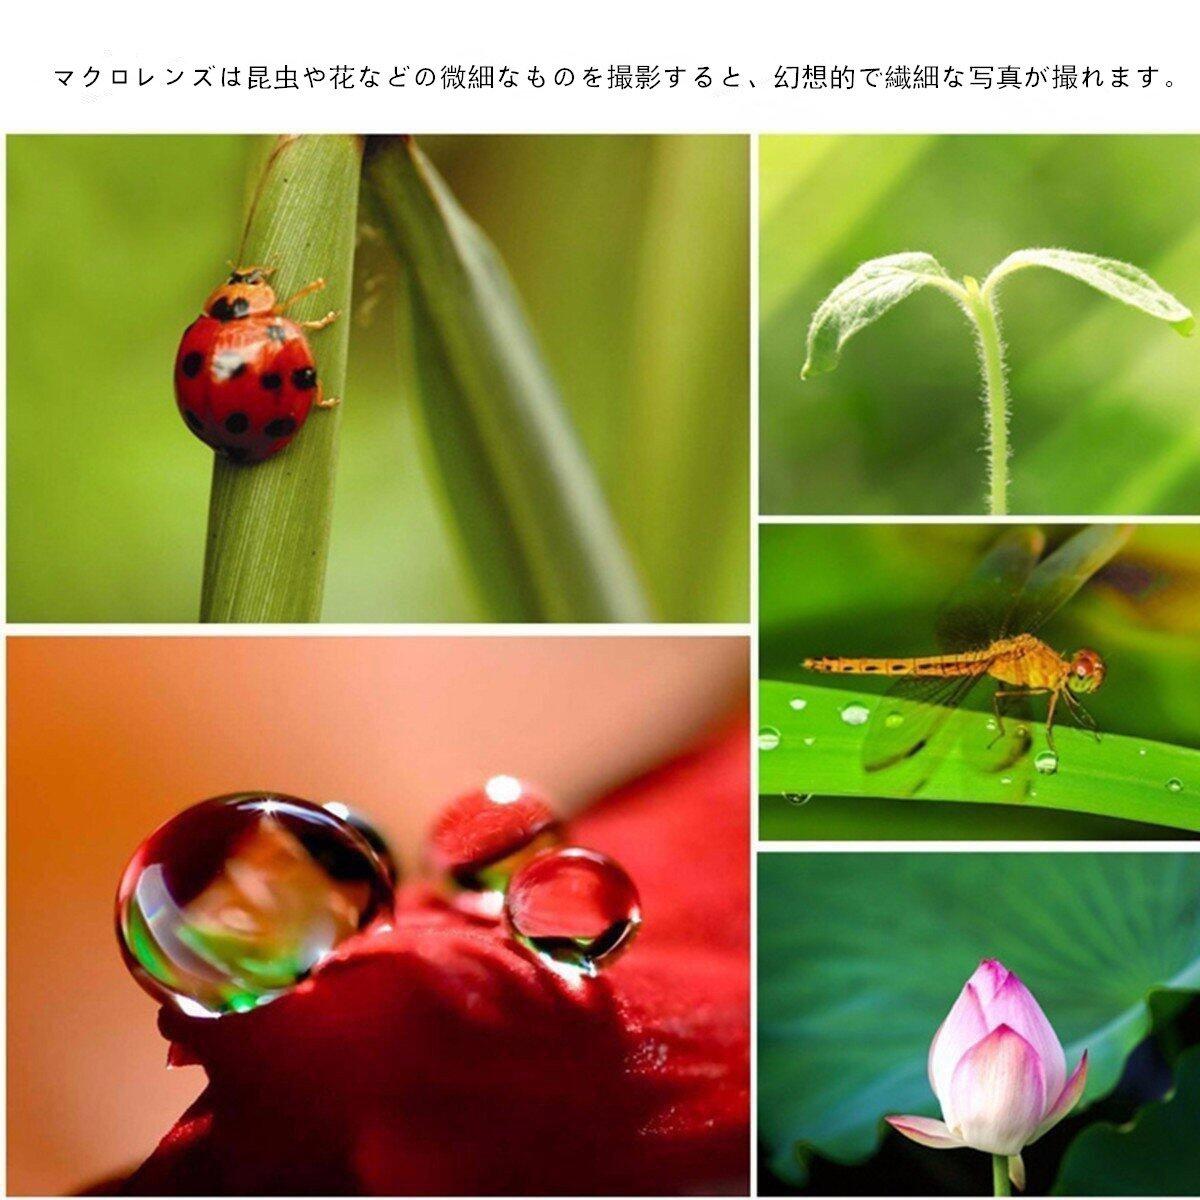 https://images-na.ssl-images-amazon.com/images/I/71c3ZASpNsL._SL1200_.jpg